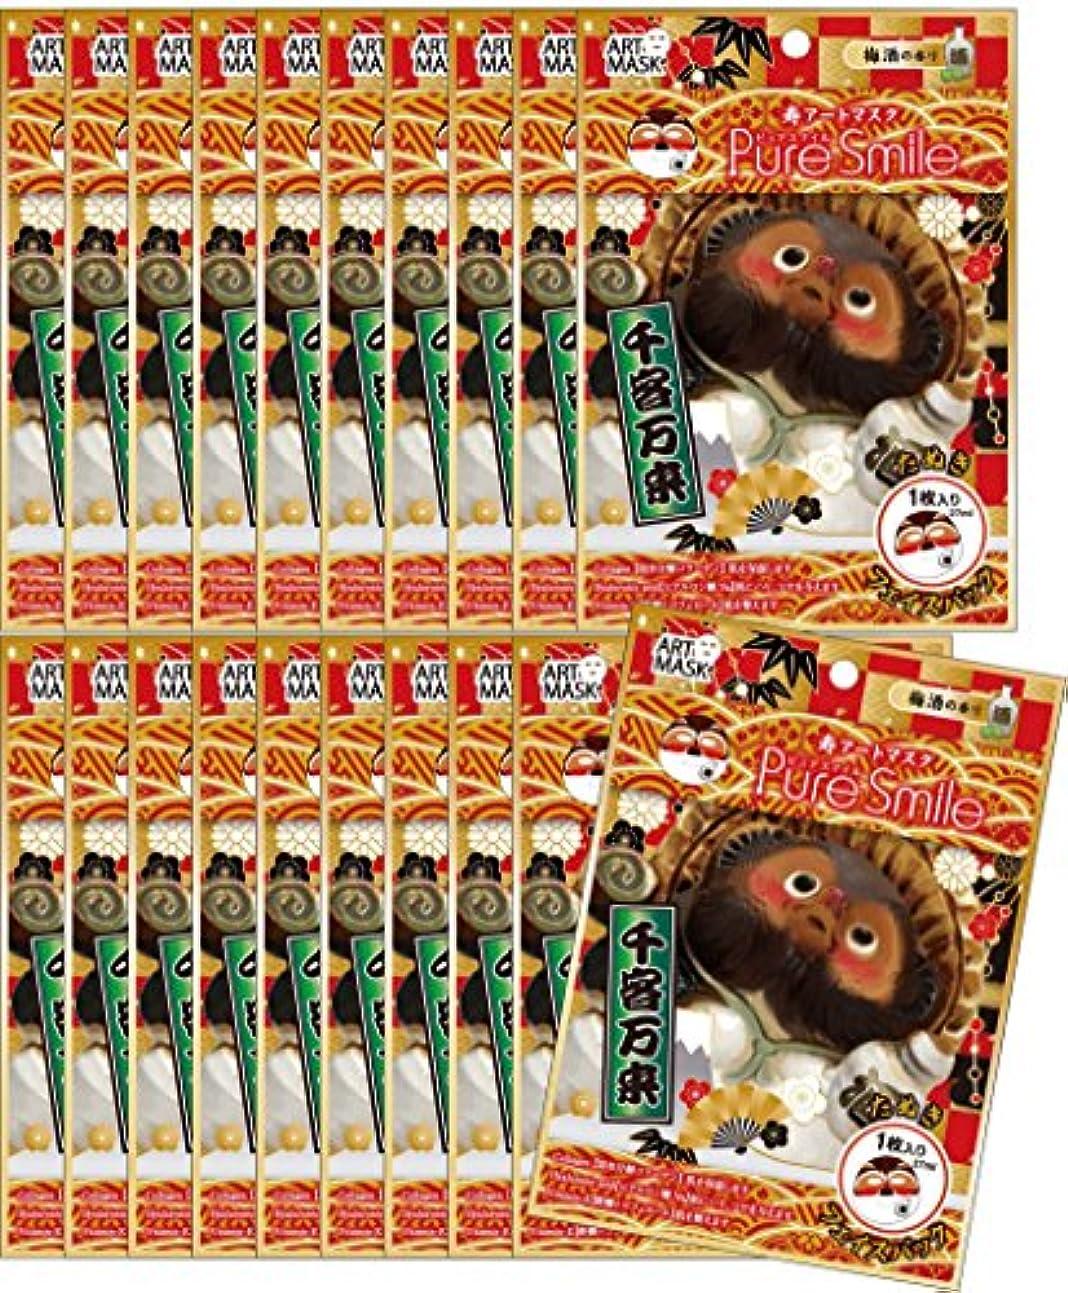 ヒゲ増幅器パズル【ピュアスマイル】『迎春寿アートマスク』(たぬき/梅酒の香り)20枚セット